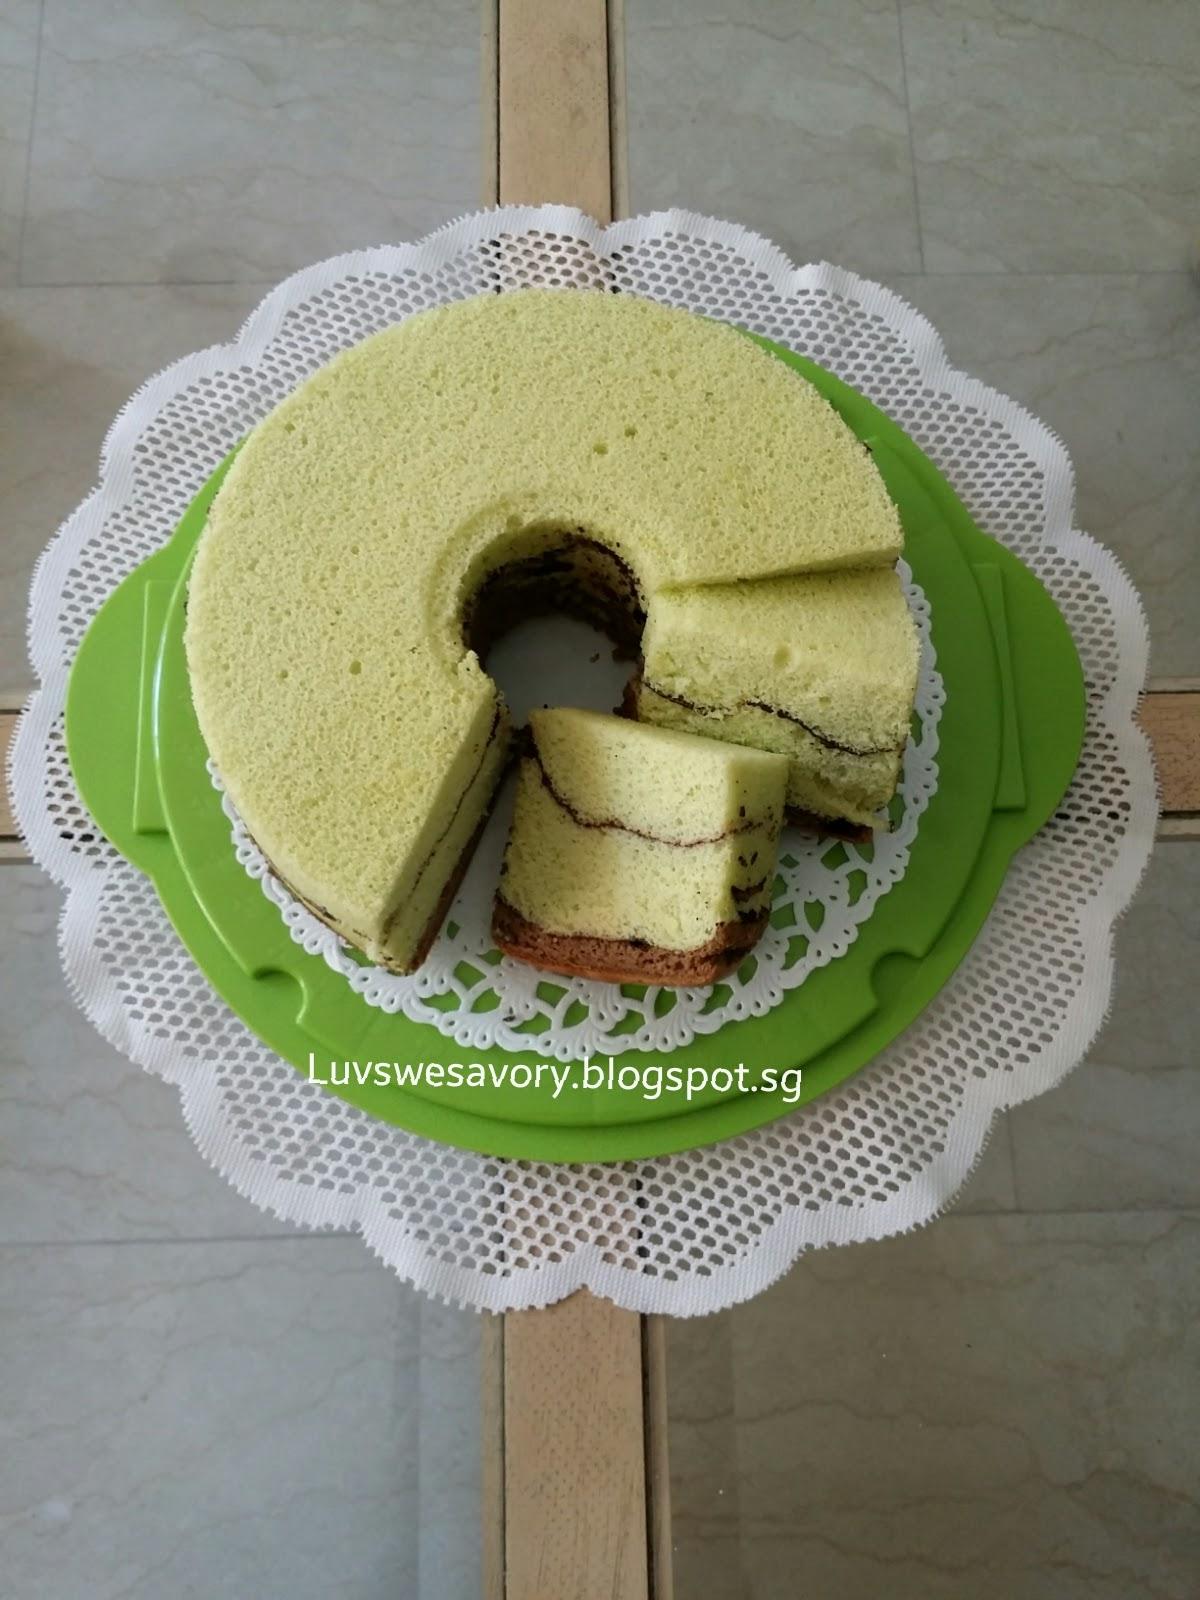 Chocolate pandan chiffon cake recipe